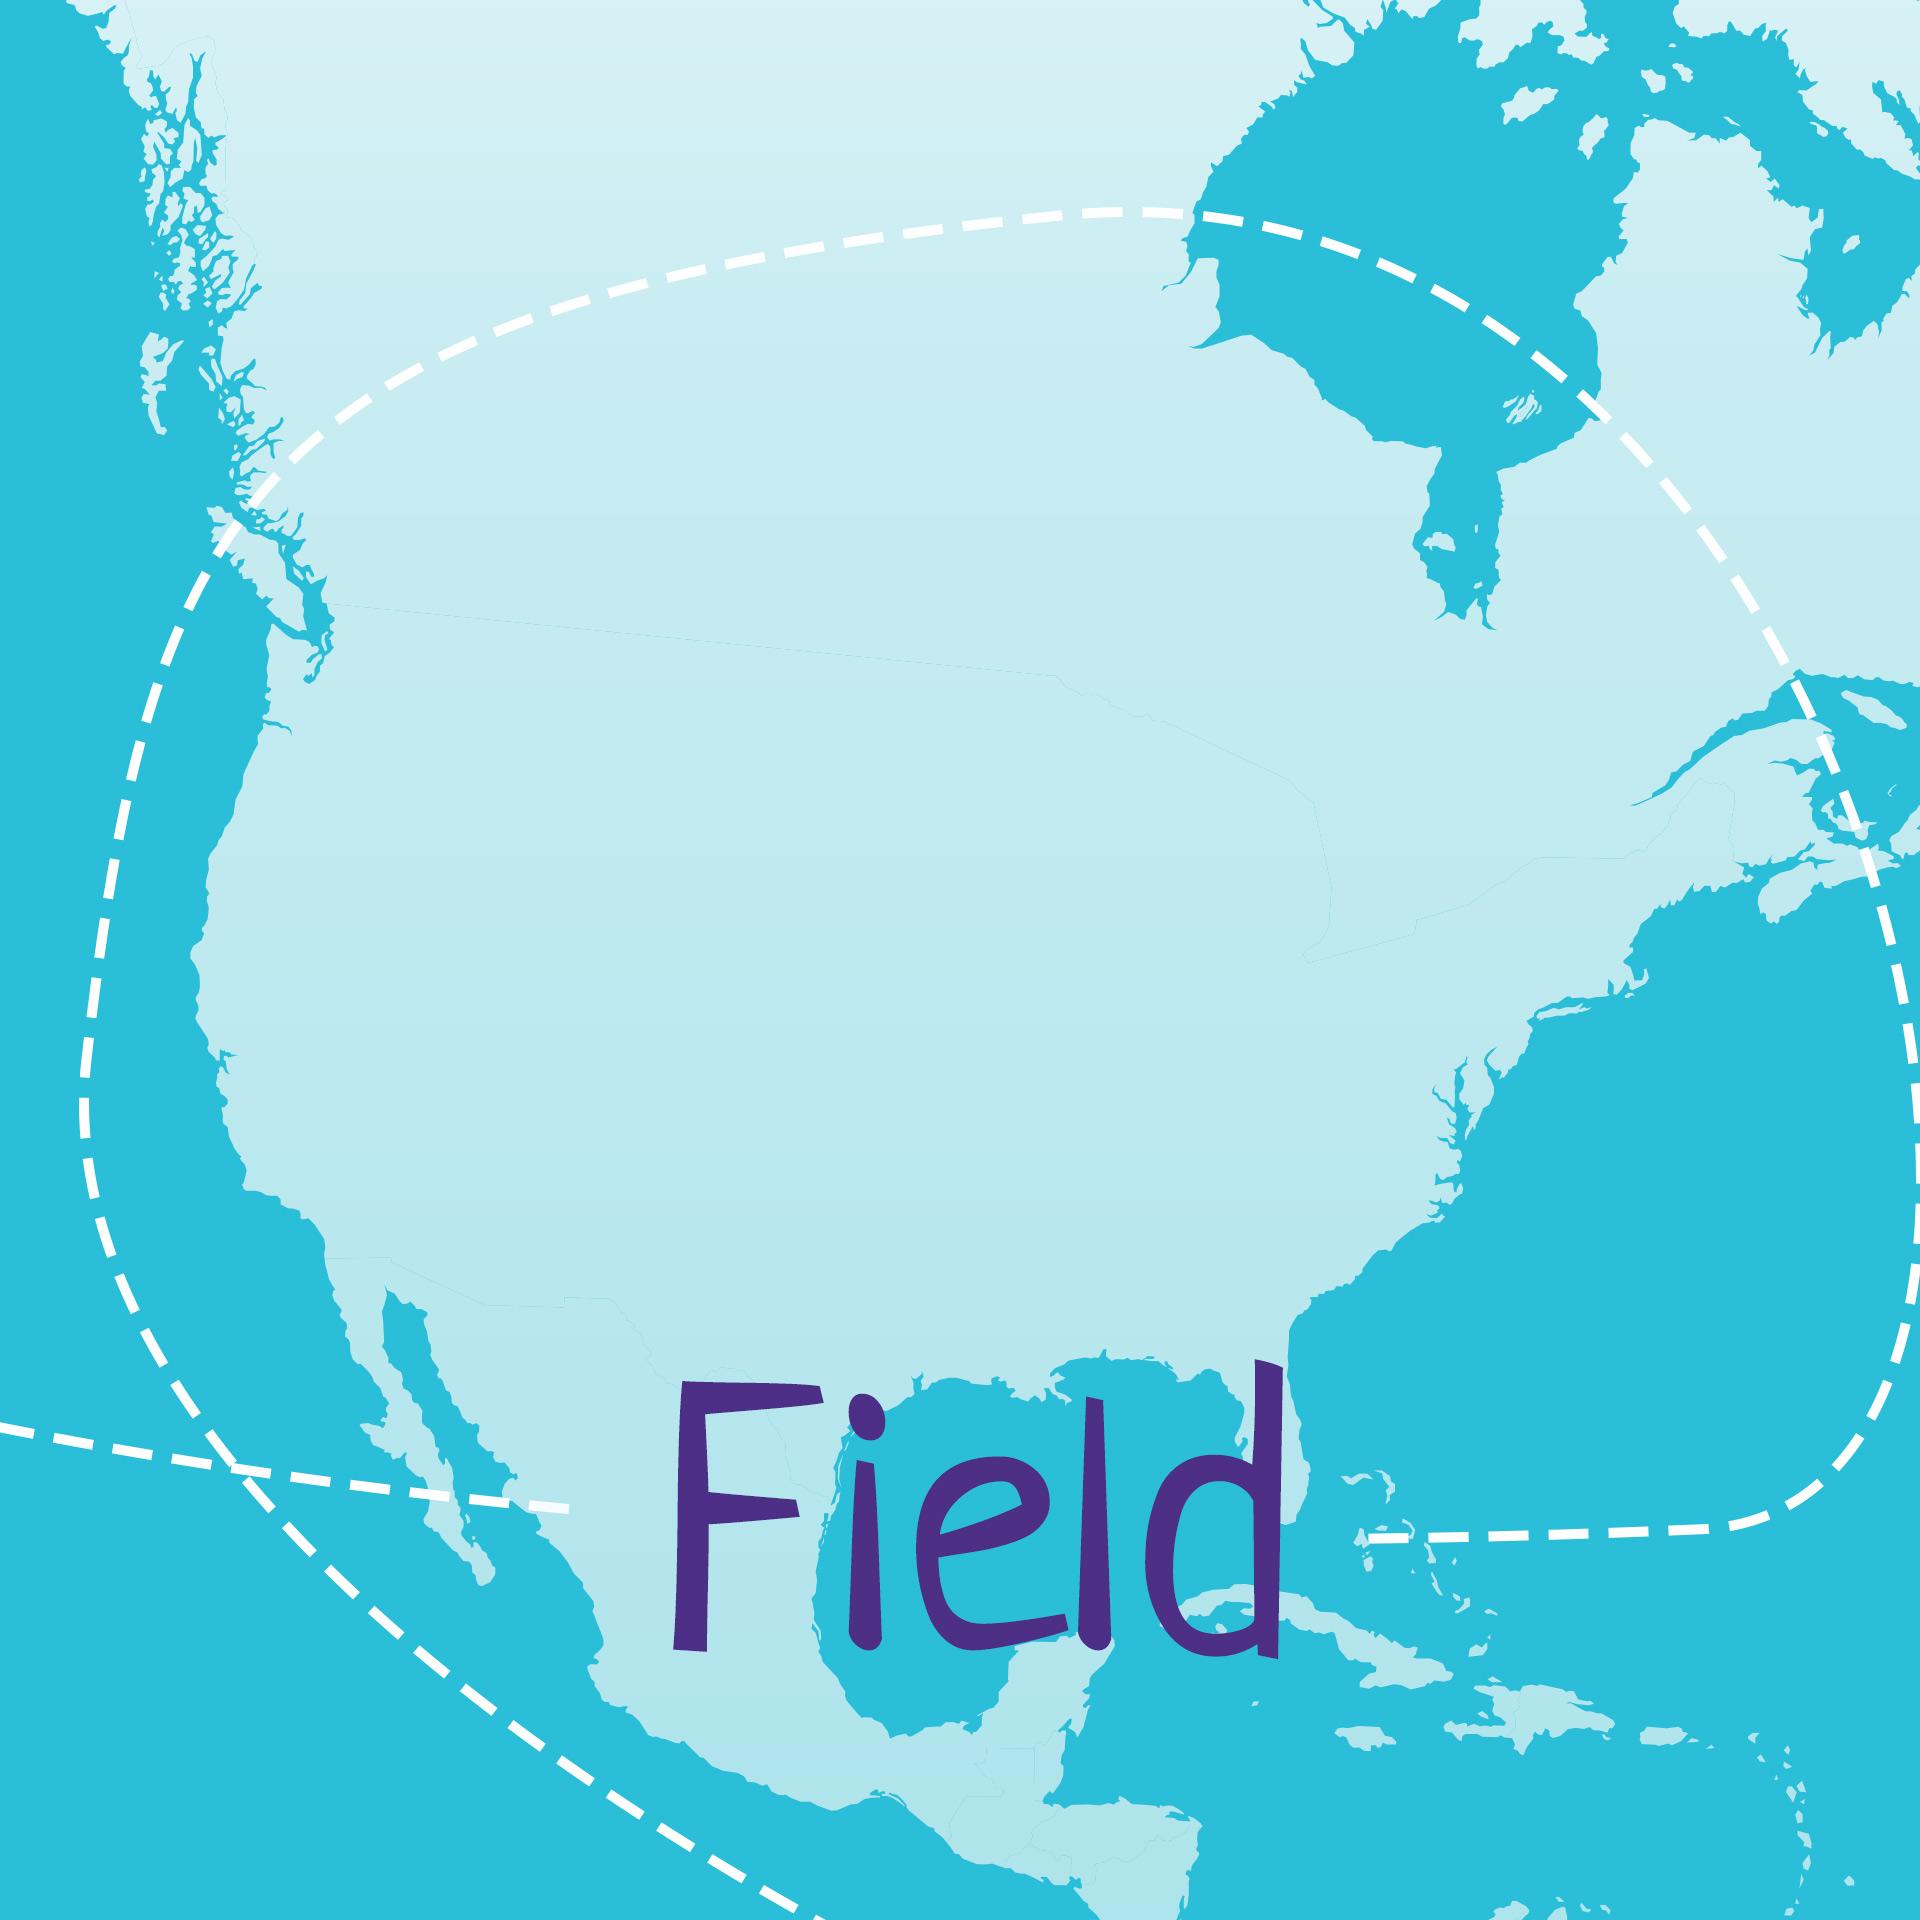 field-square